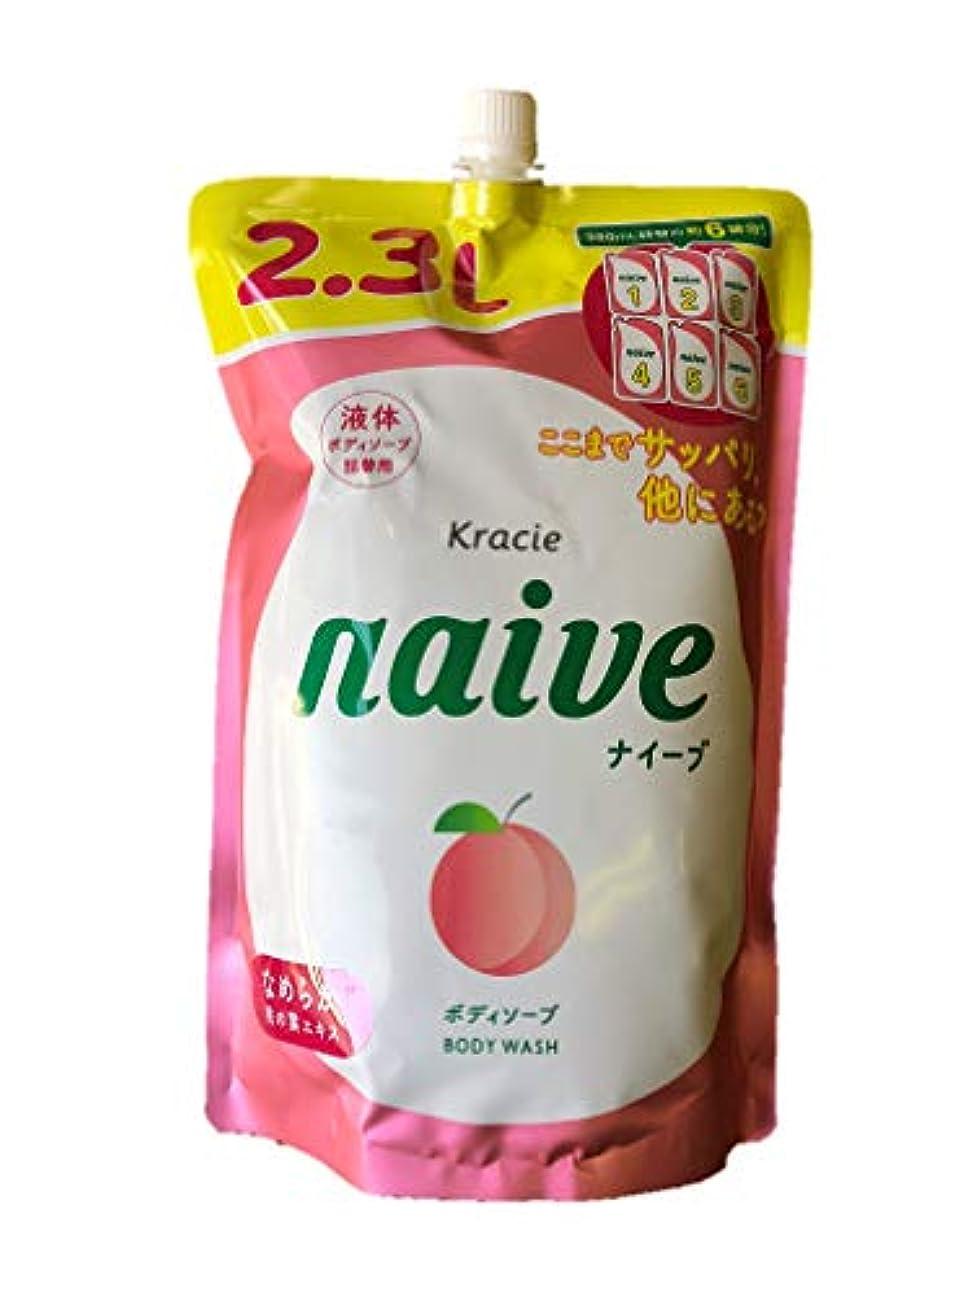 ストレンジャー報復彫刻家【大容量2.3L】ナイーブ 植物性ボディーソープ 自然でやさしい桃の香り 2300ml